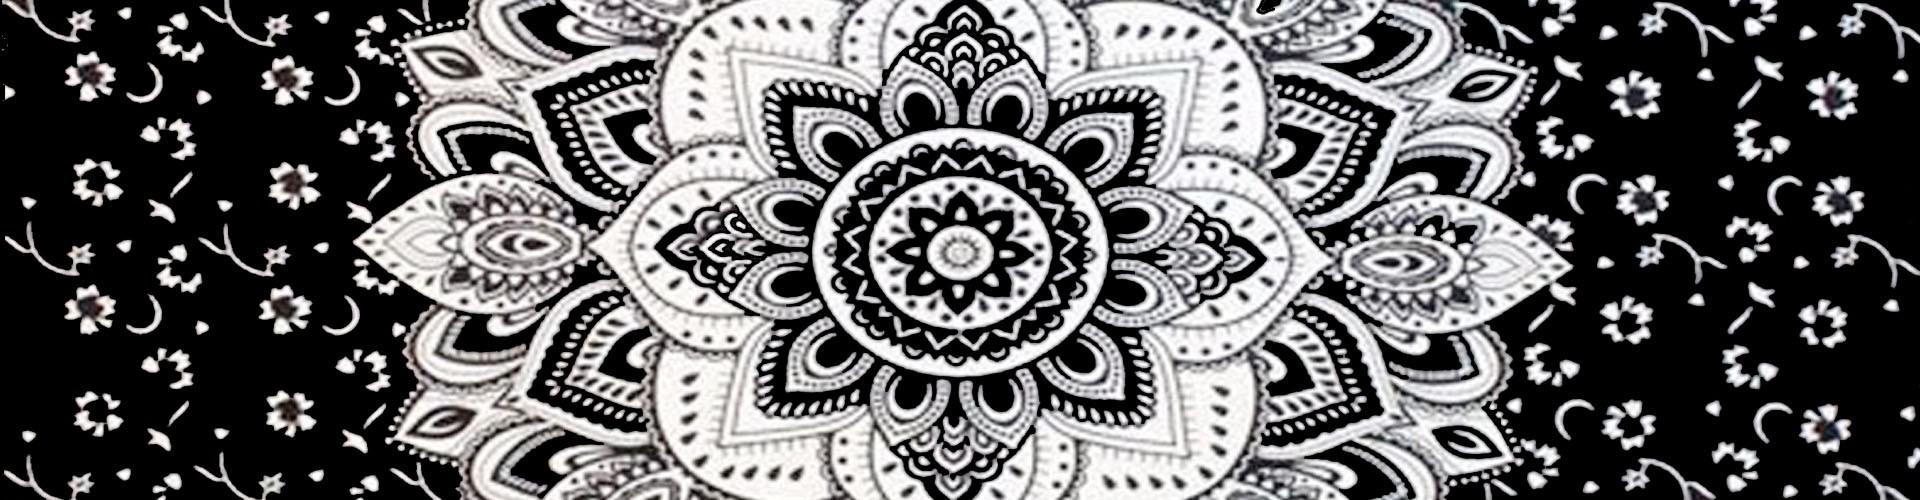 Tenture Mandala pour rester zen, tenture mandala ethnique indienne